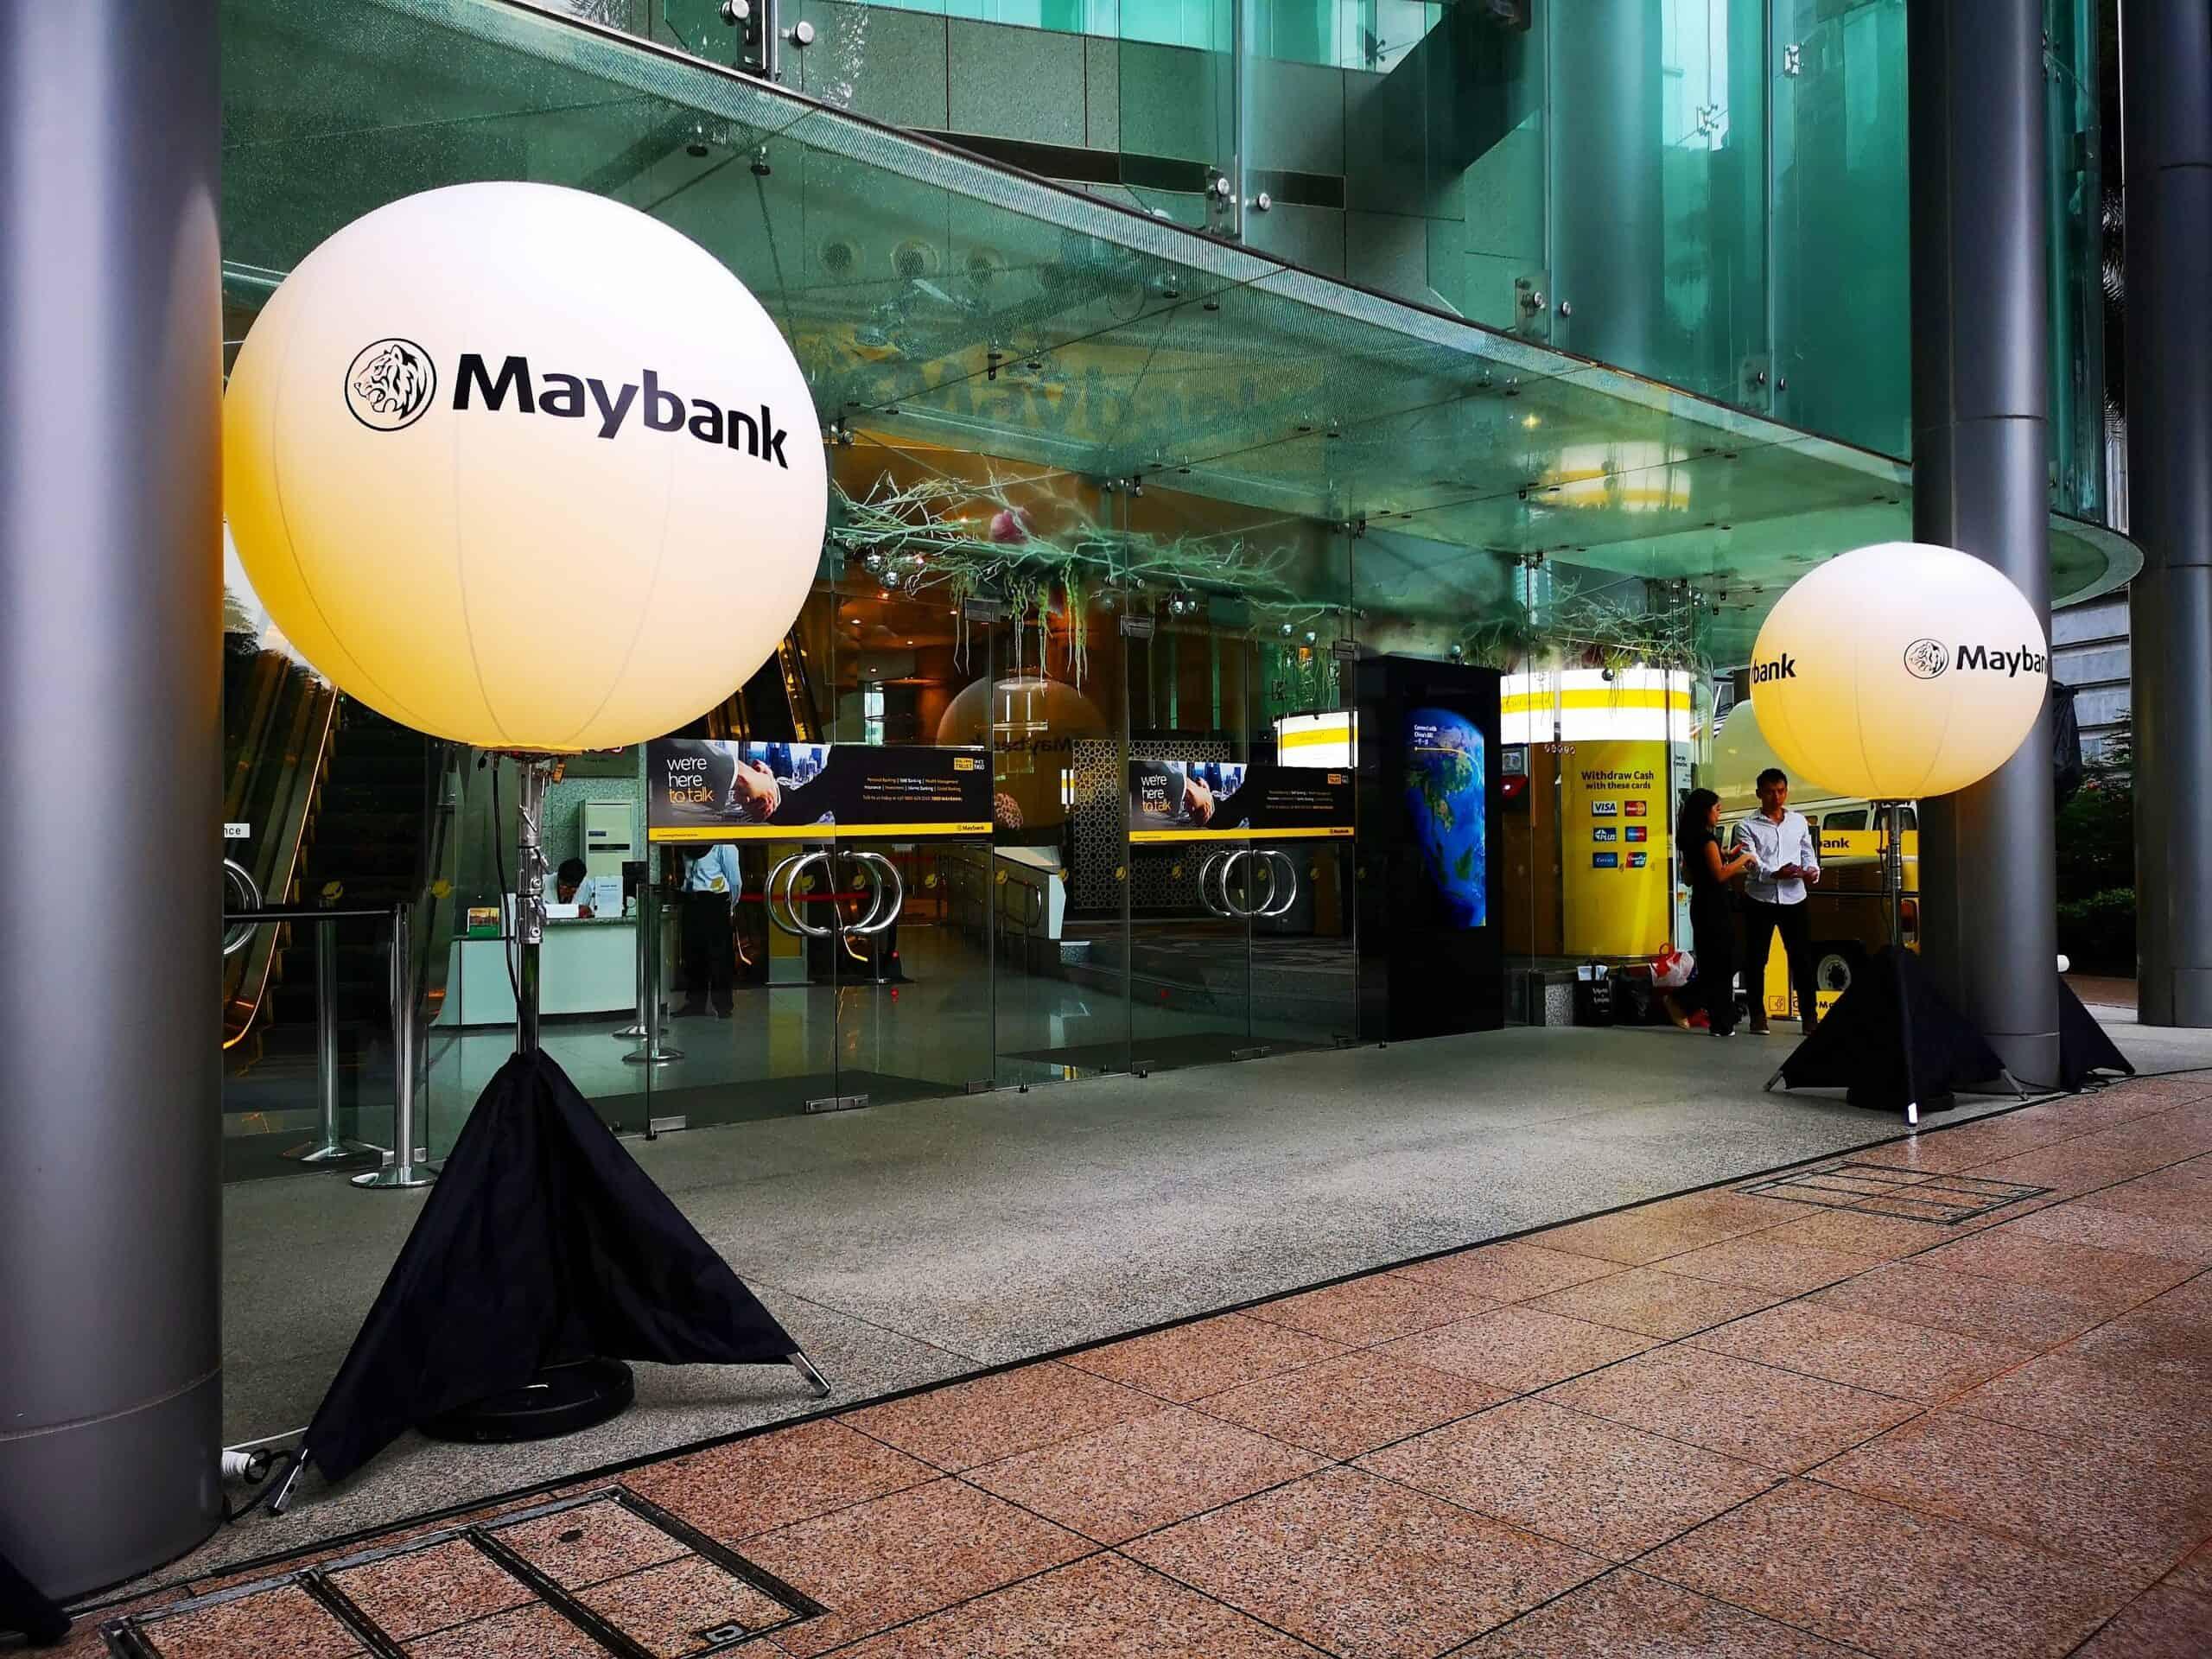 Maybank-Lighted-Tripod-Balloon